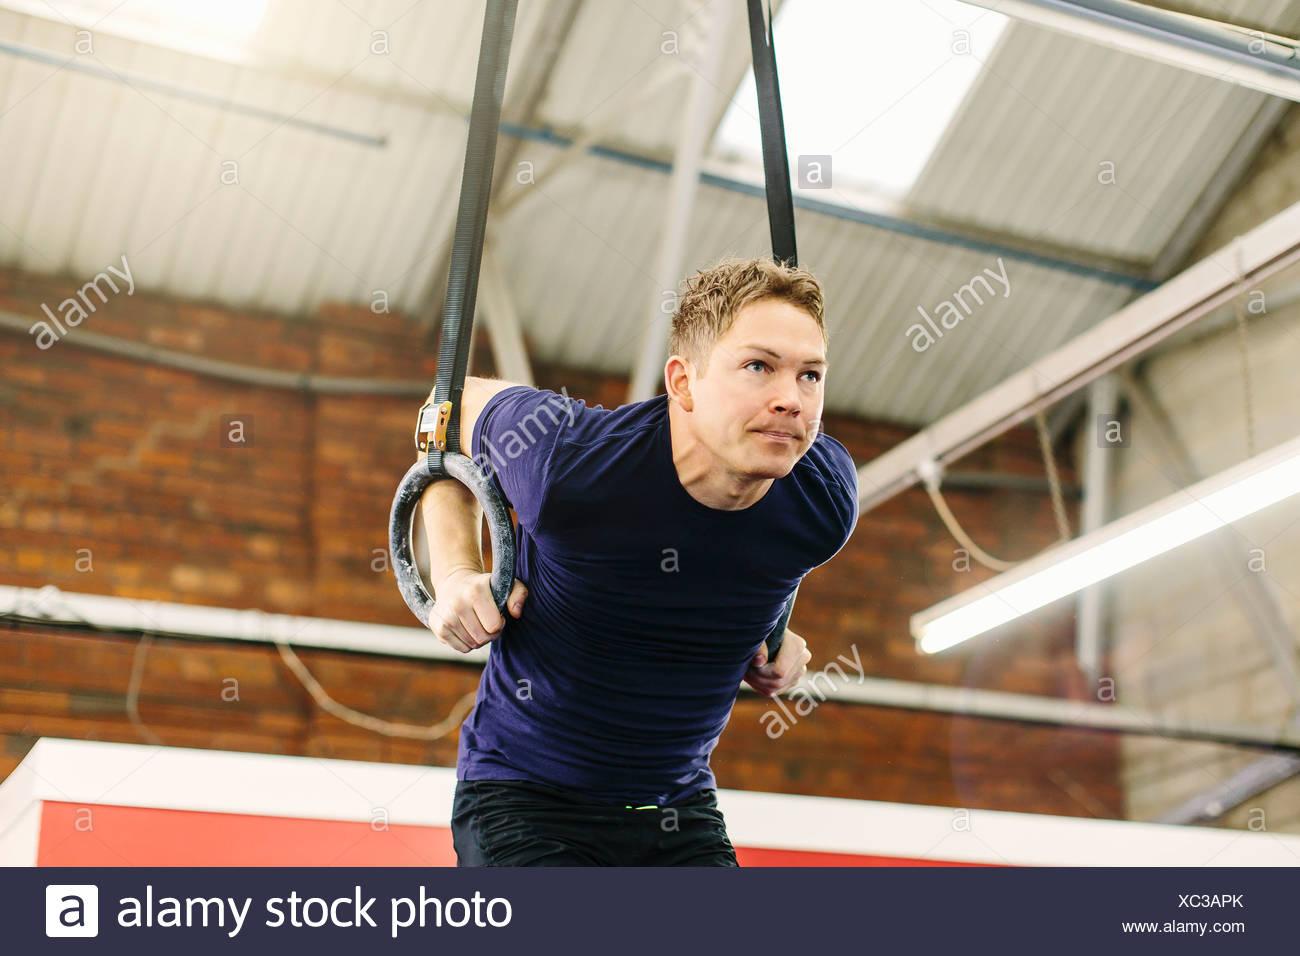 El hombre tirando anillos suspendidos en el gimnasio Imagen De Stock